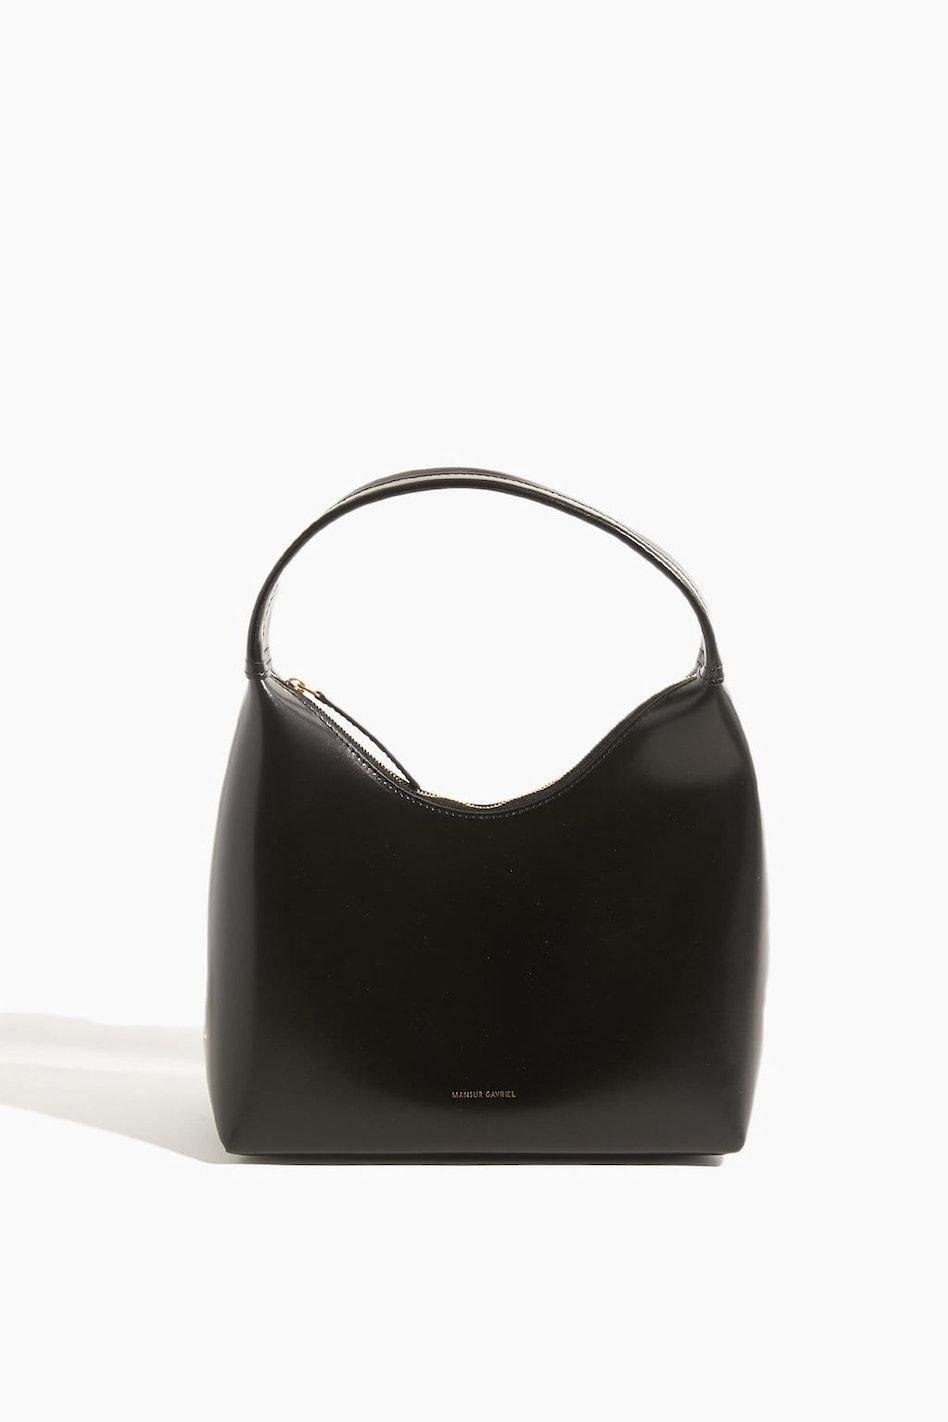 Zip Hobo Bag in Black/Flamma: image 1